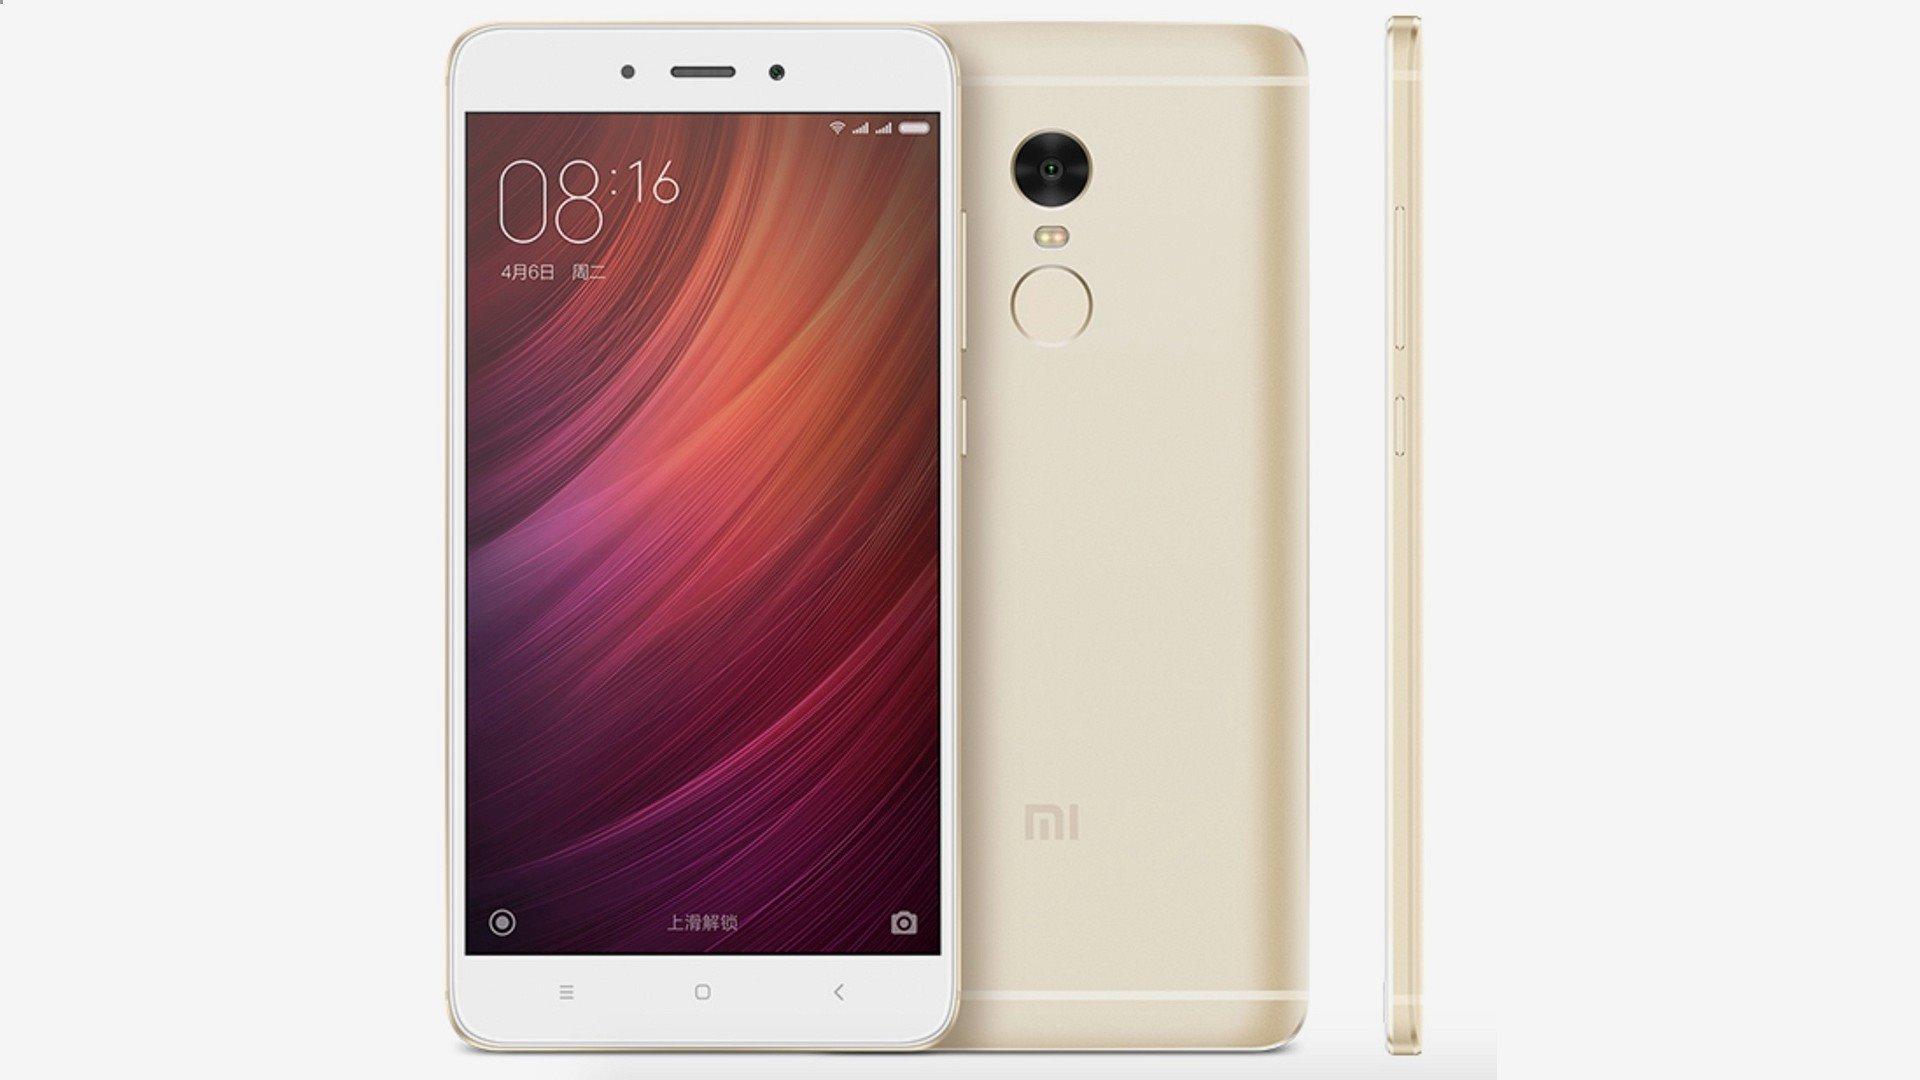 Xiaomi Redmi Note 4 4GB/64GB Global Gold /Zlatá PODPORUJE CZ LTE NA 800 MHZ + 900 MHZ S CZ MENU + ZDARMA Xiaomi MiKey